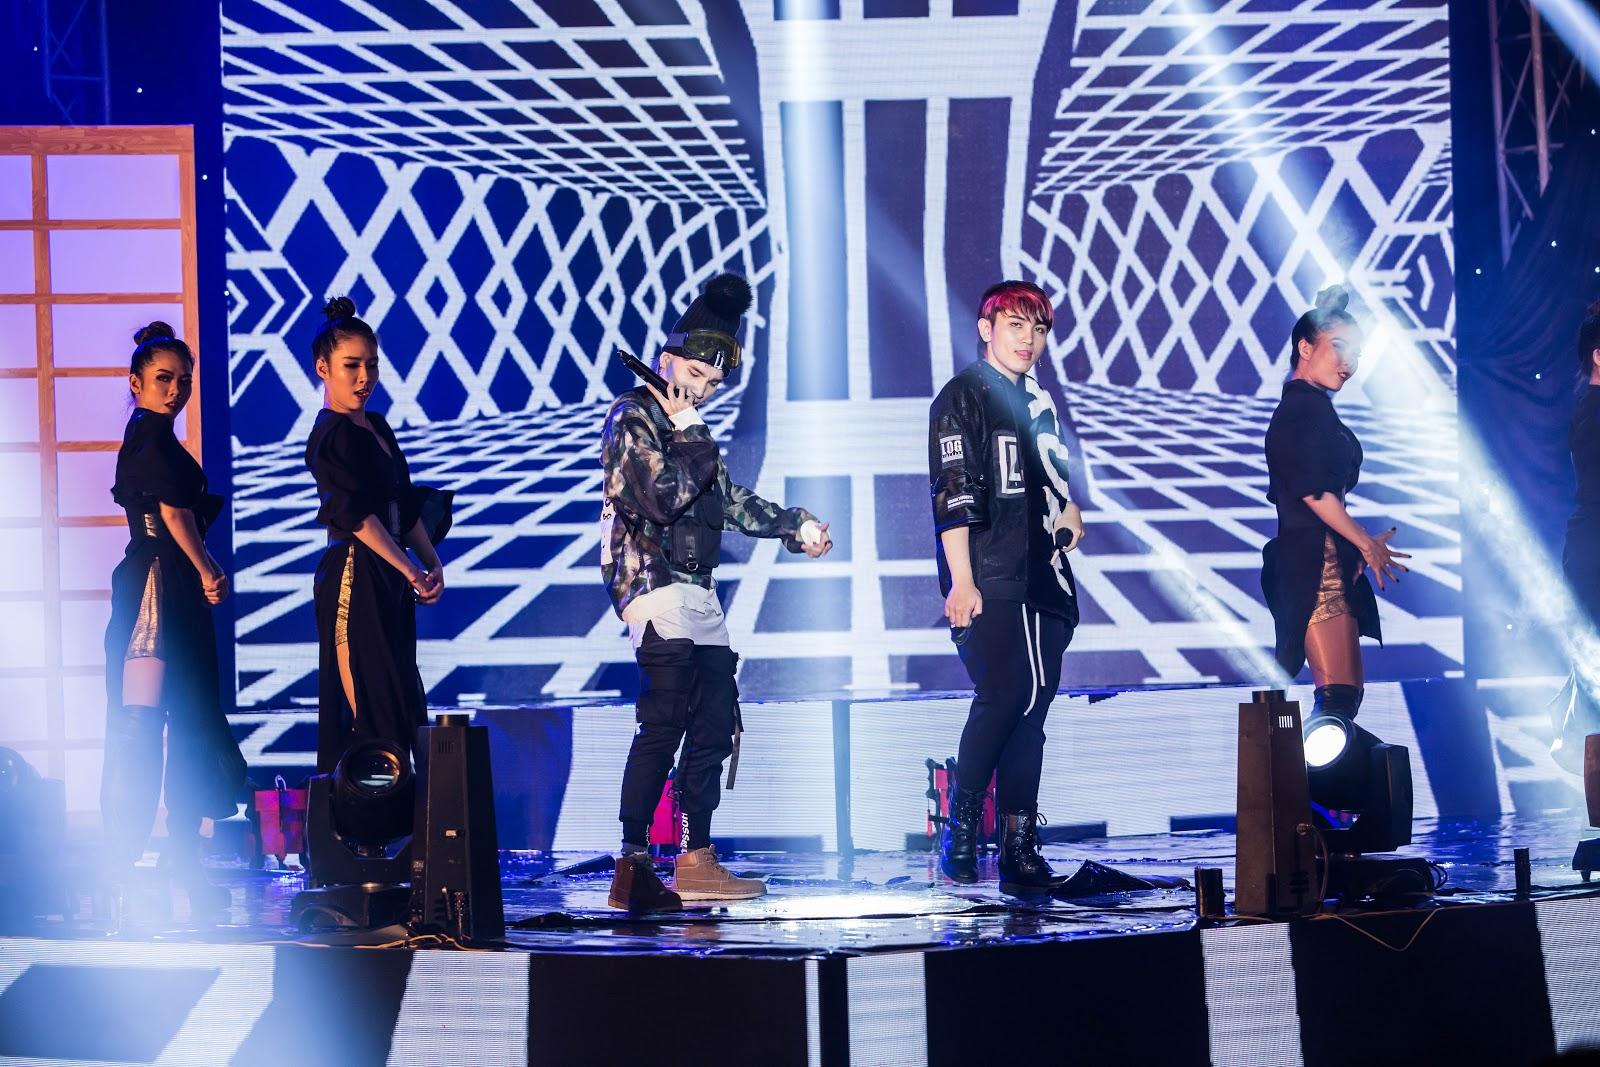 Sĩ Thanh, Tino, Hoàng Yến Chibi, JinJu mang những bản hit góp mặt trong liveshow đầu tiên của Zero9 - Hình 7